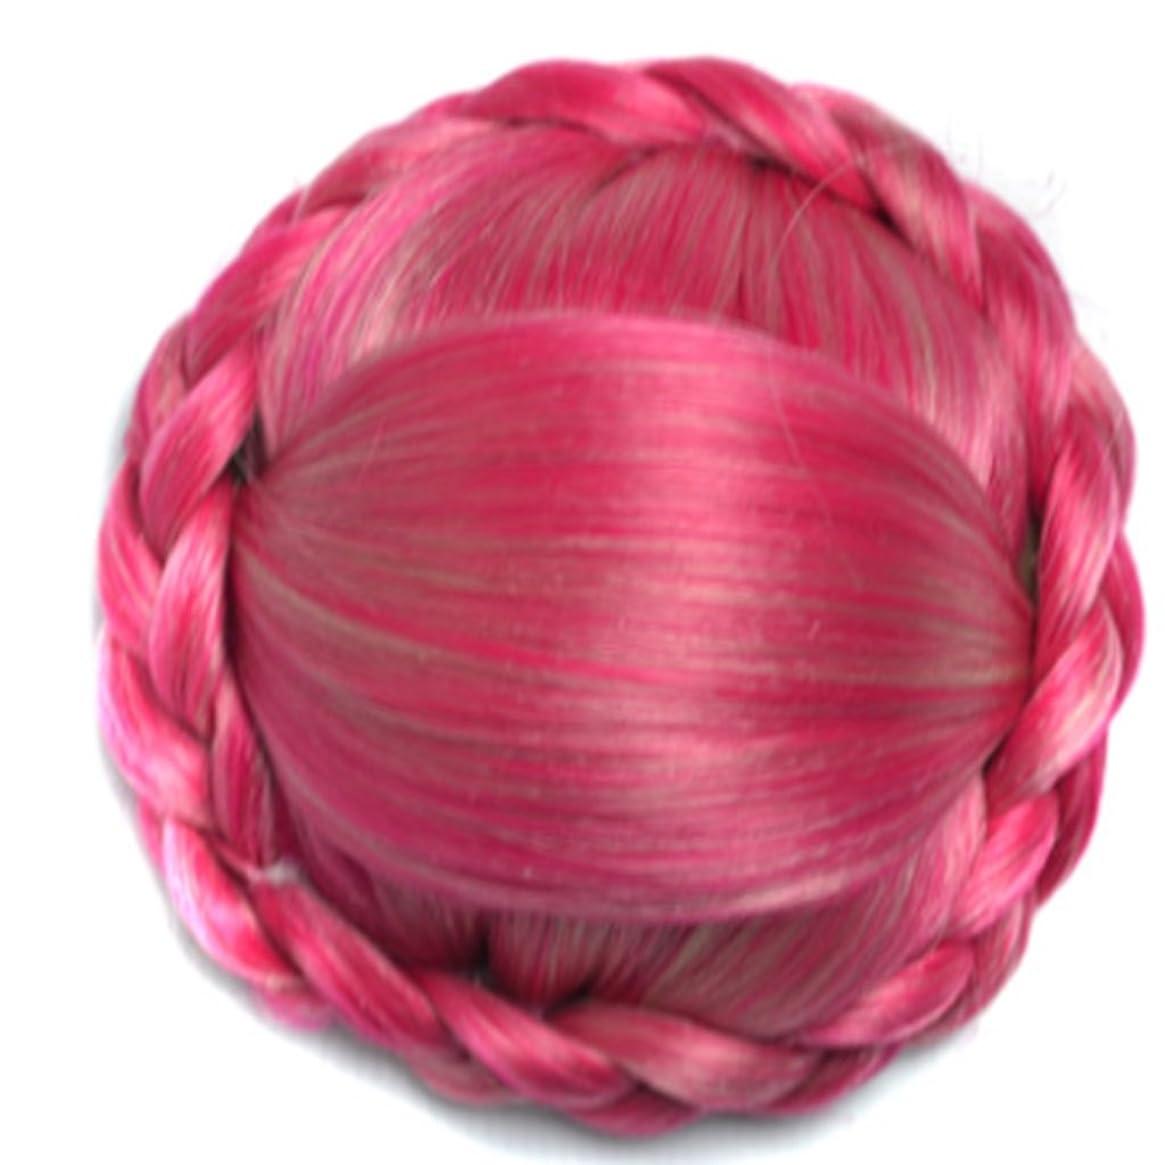 部分織るおじいちゃんKoloeplf 化学繊維で作られた合成のかつら、ヴィンテージの編組で包まれた拡張赤毛は軽いことができます (Color : レッド)